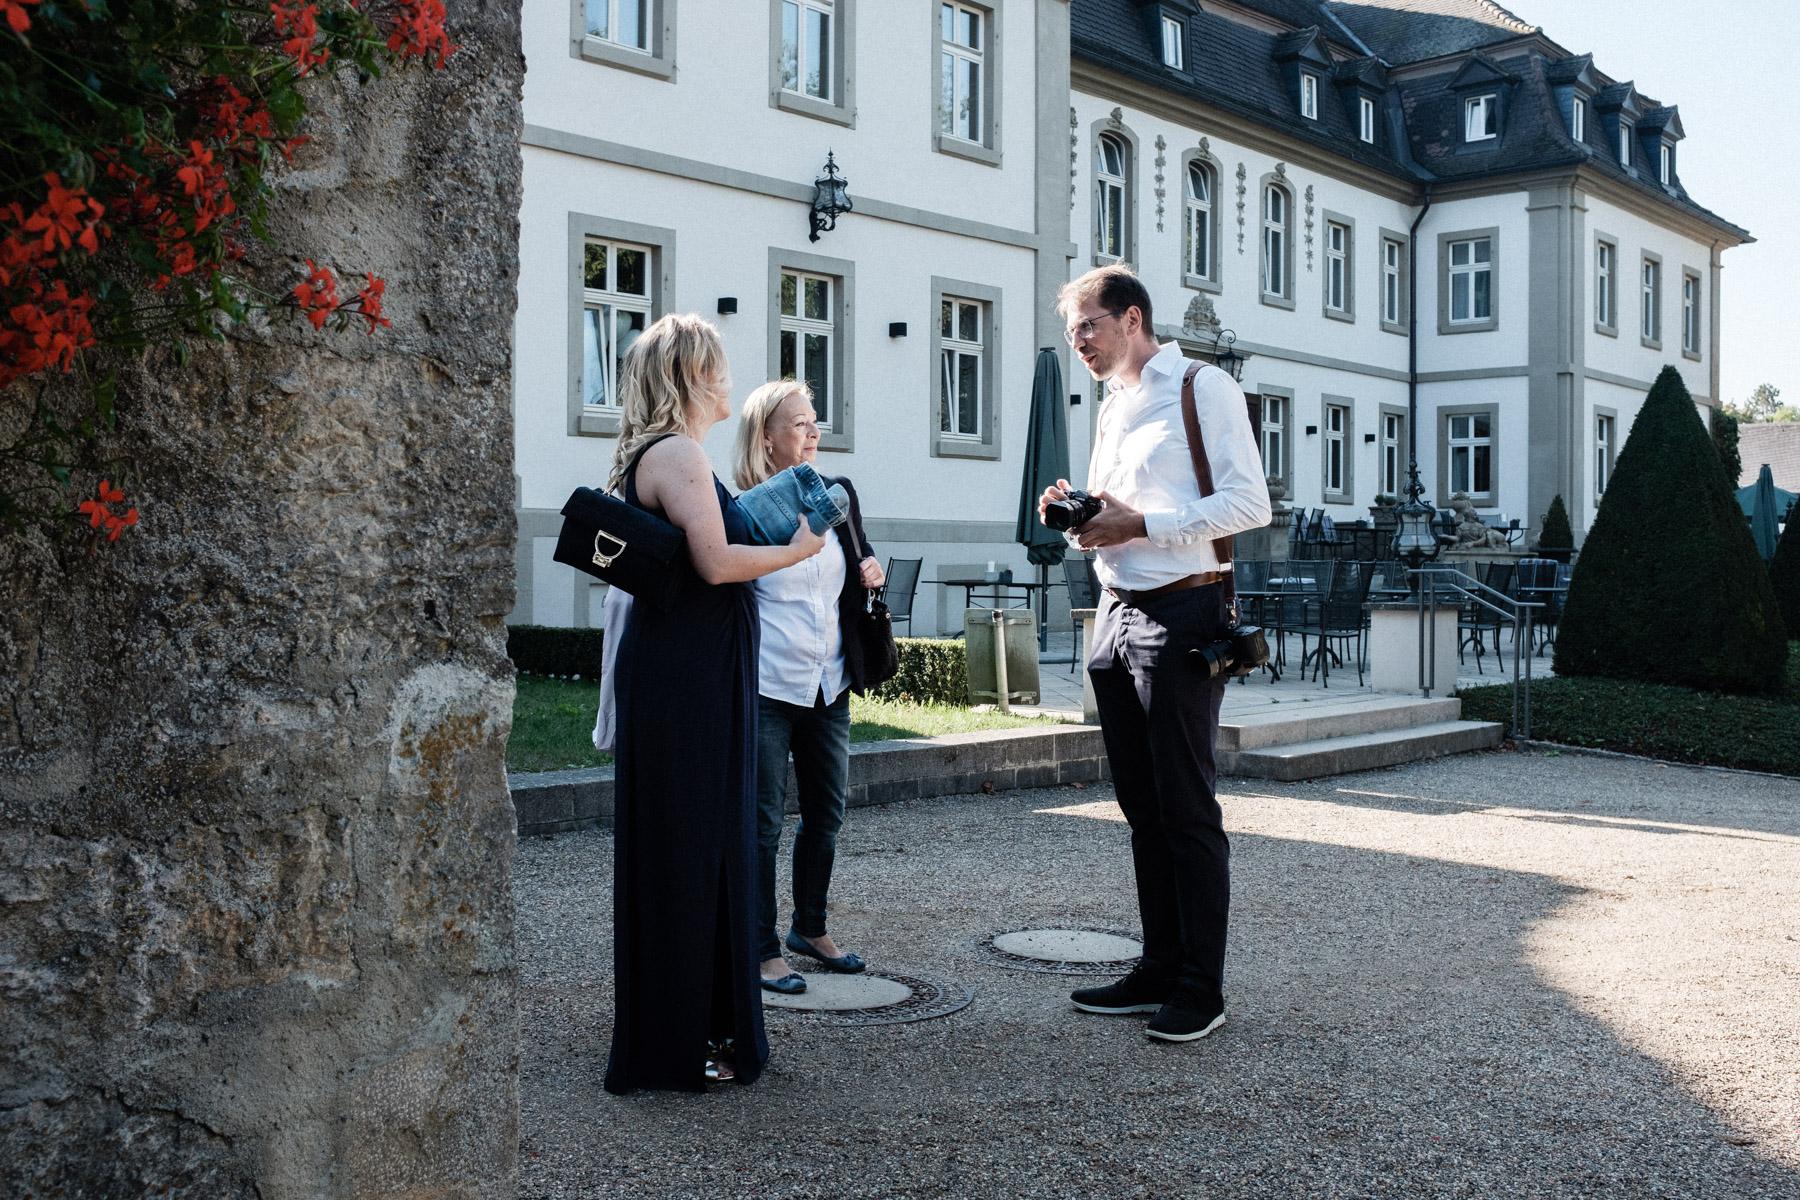 MartinLiebl_Kein_Hochzeitsfotograf_Blog_CWF_Bad_Neustadt_10.jpg